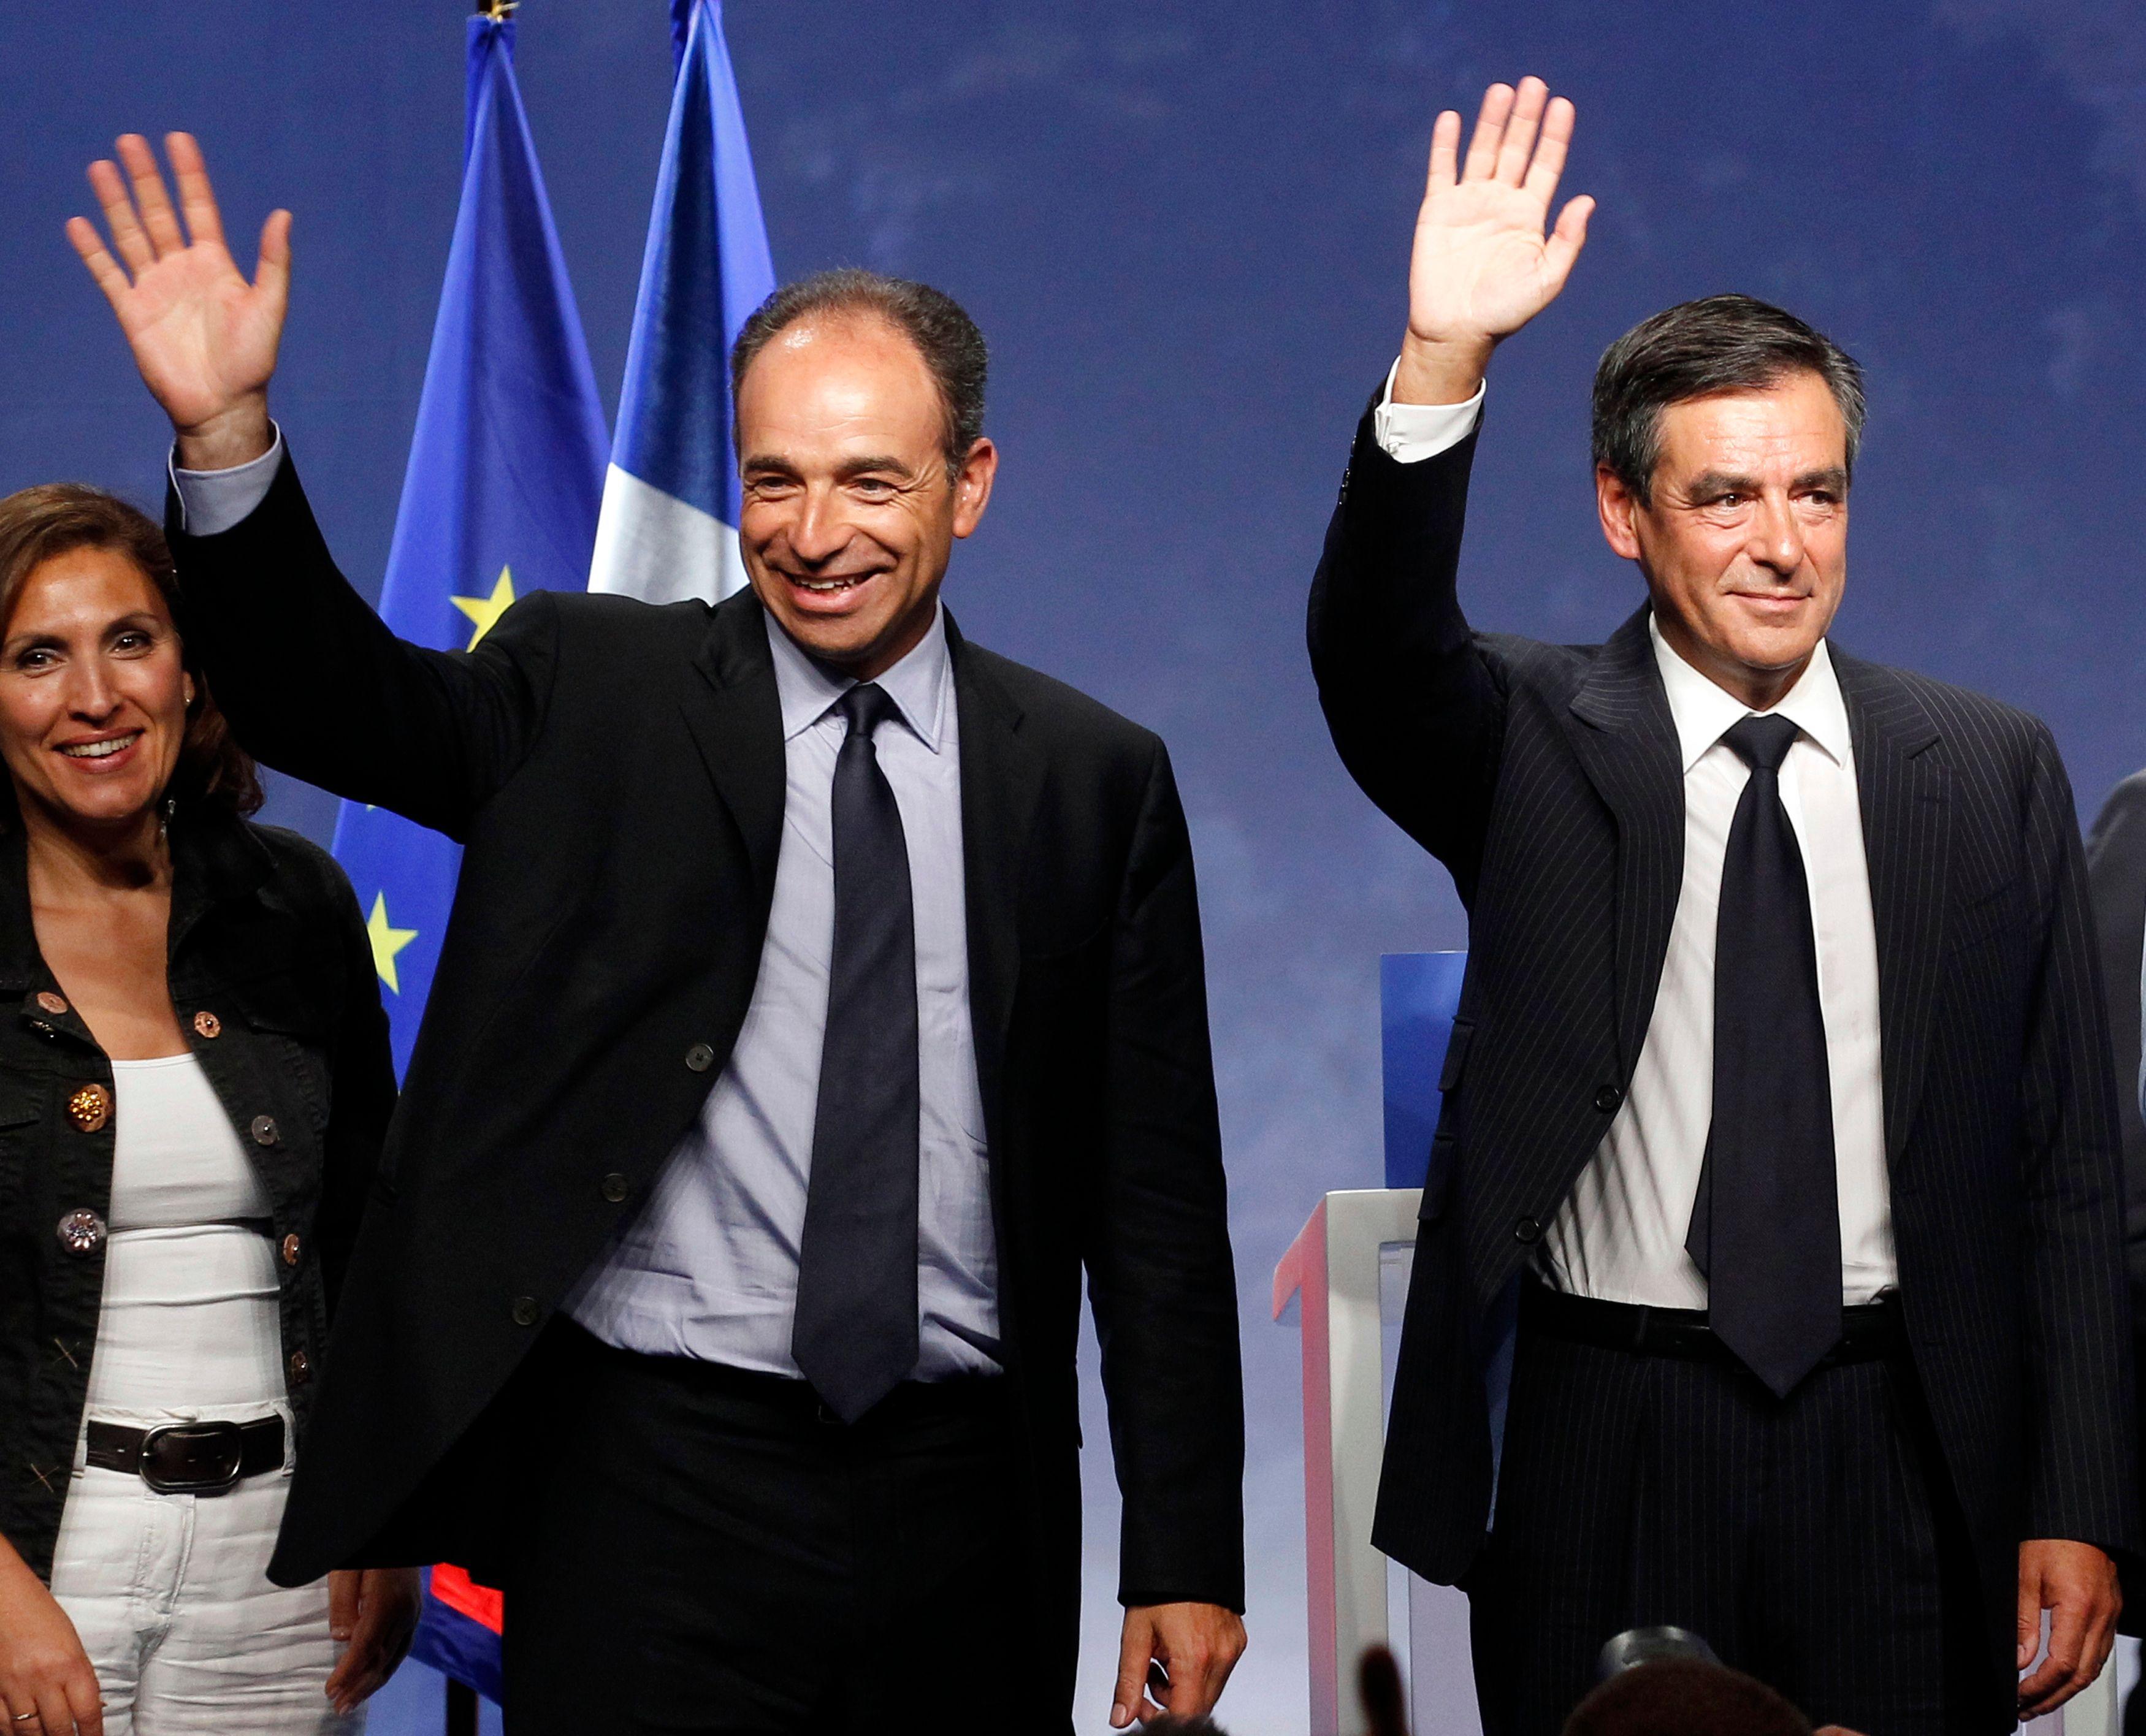 Jean-François Copé et François Fillon vont reprendre les discussions